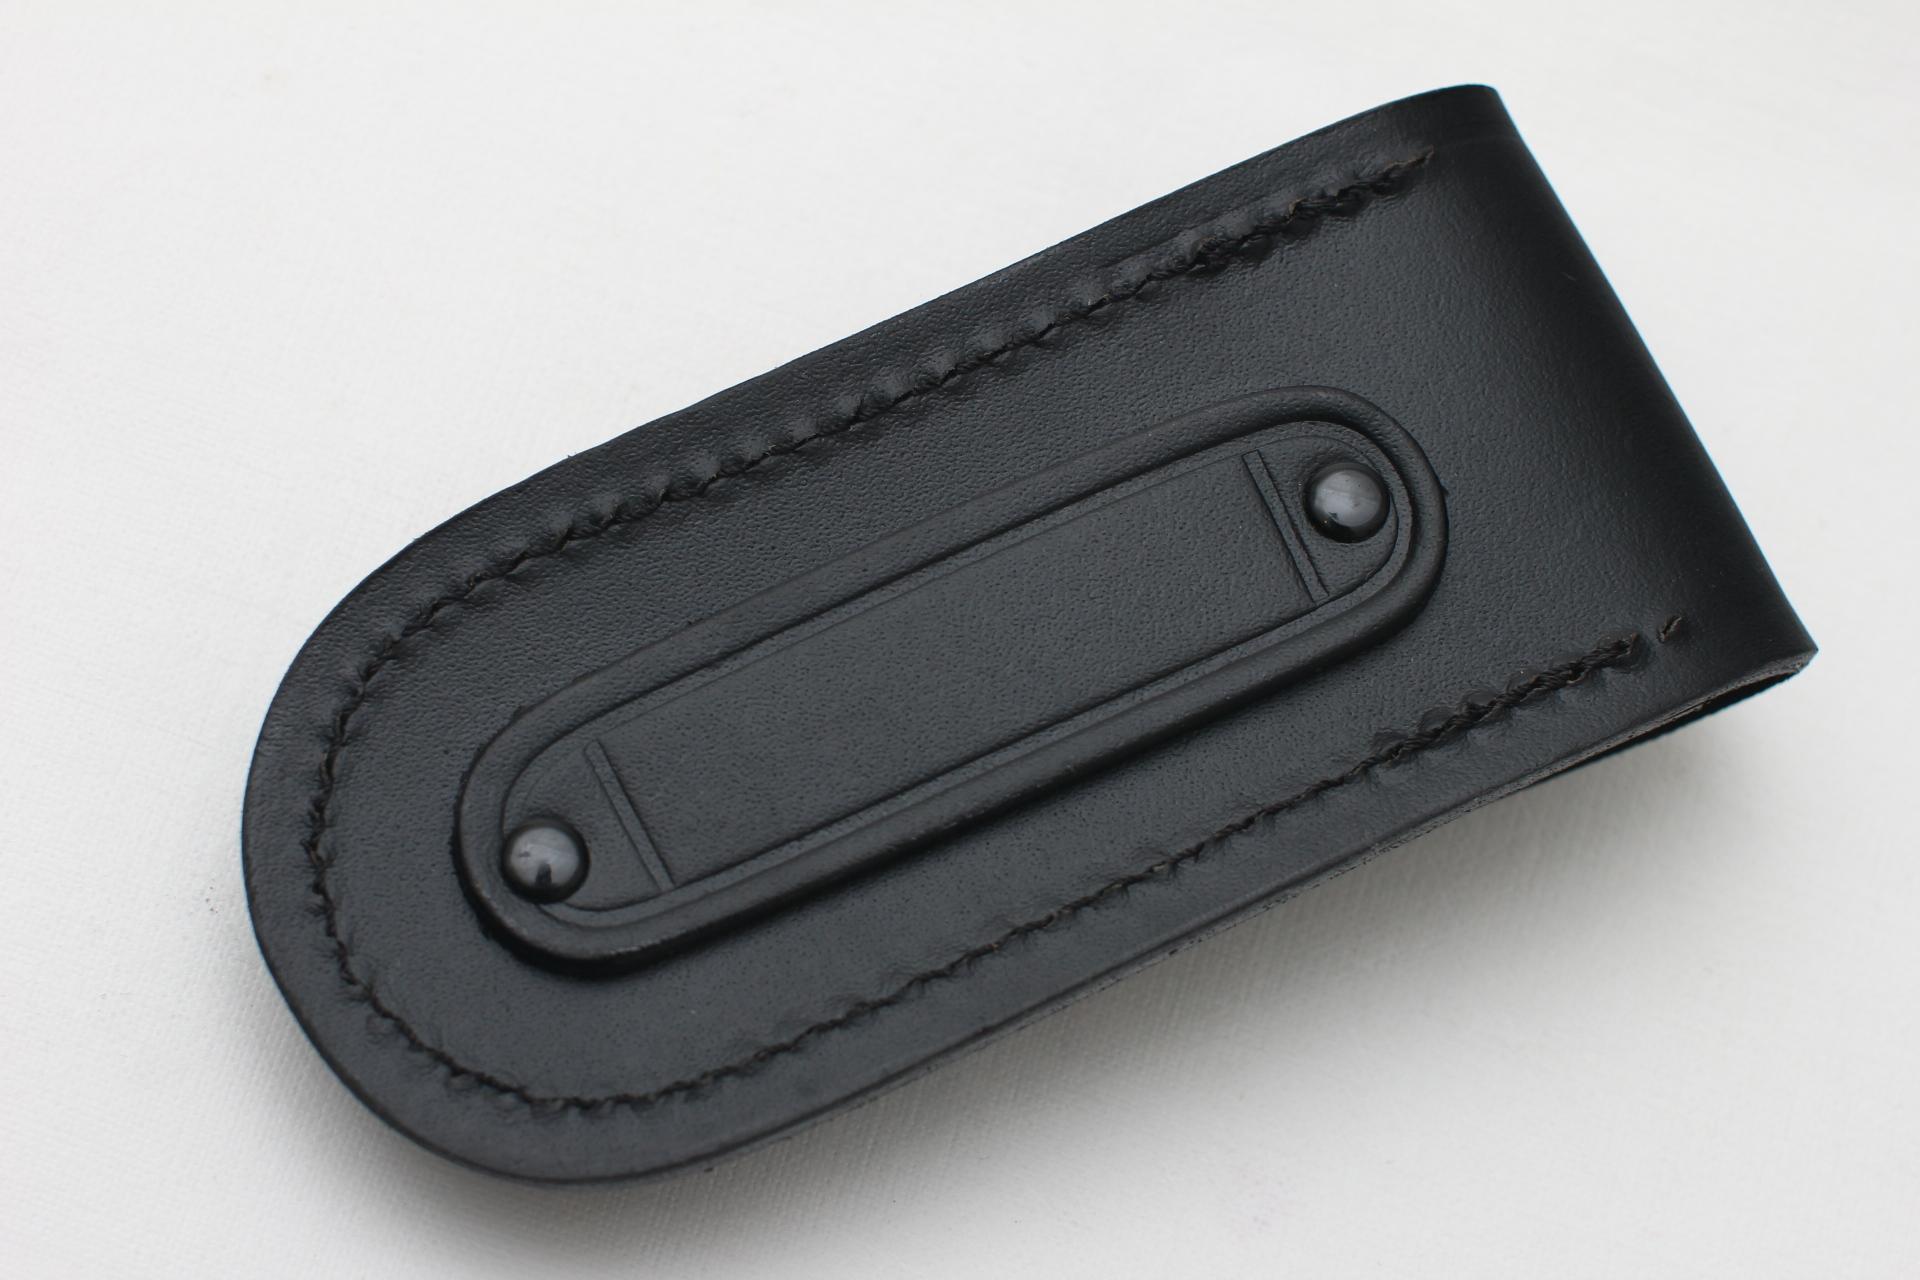 Чехол кожаный черный для ножа или мультитула - фотография